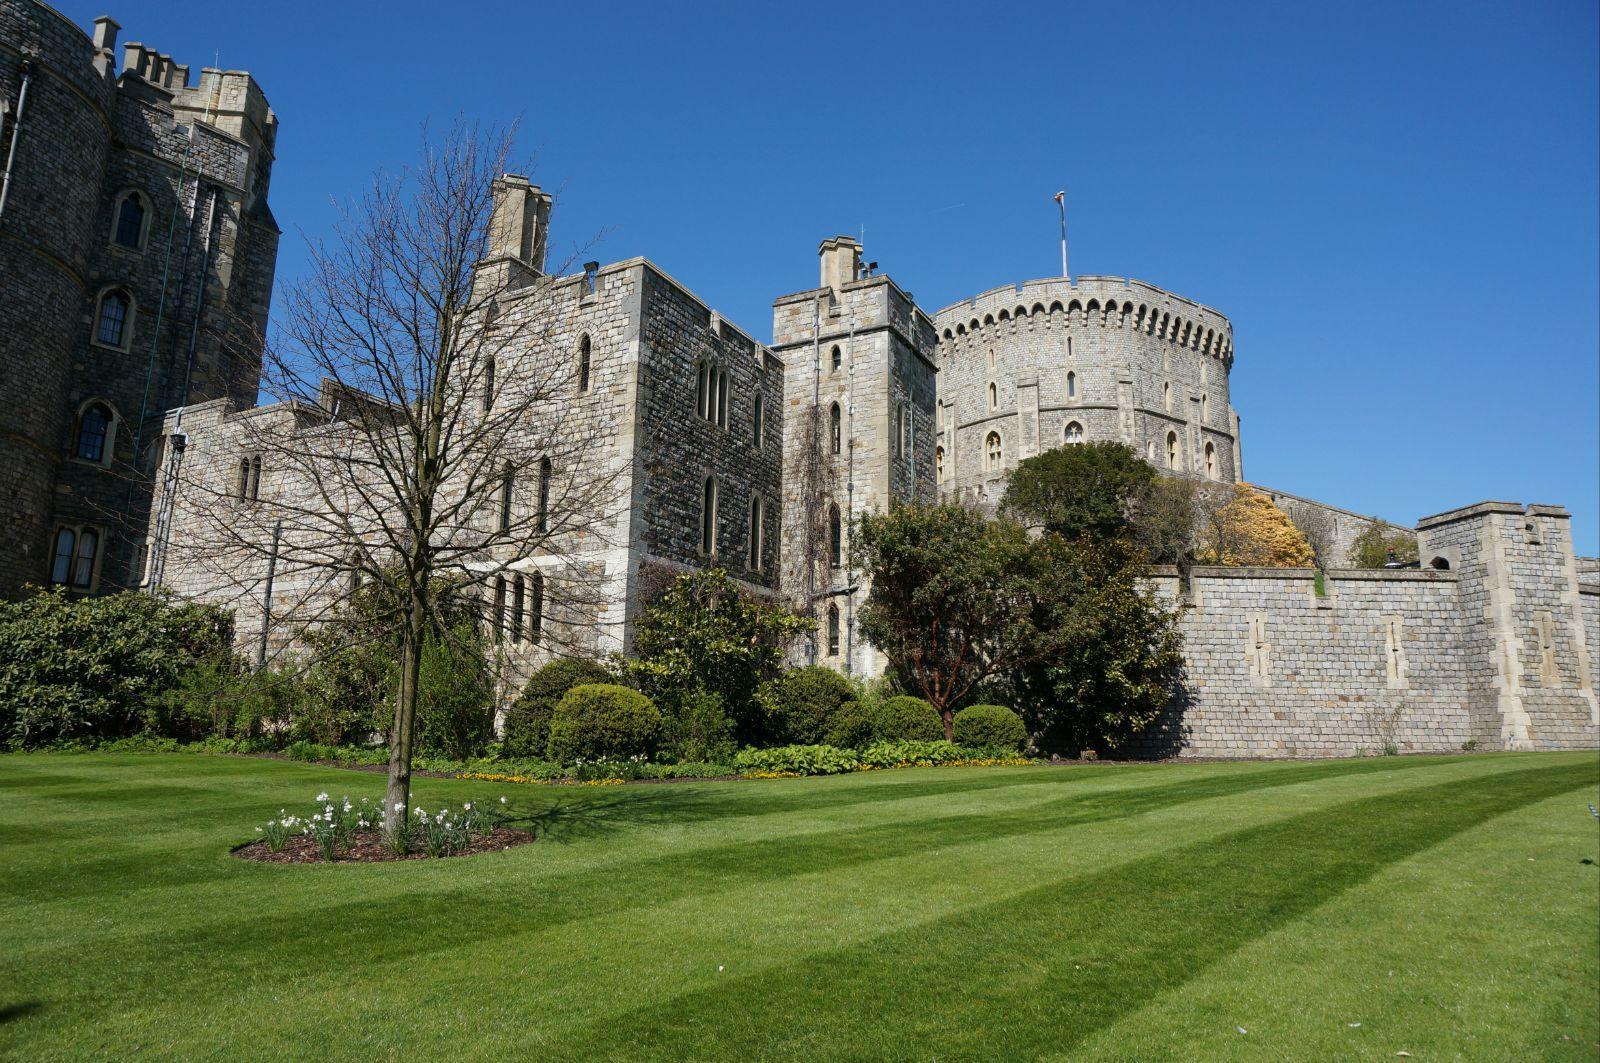 温莎城堡 比广州塔便宜,看到的景色比珠江新城漂亮,果断上! 伦敦眼